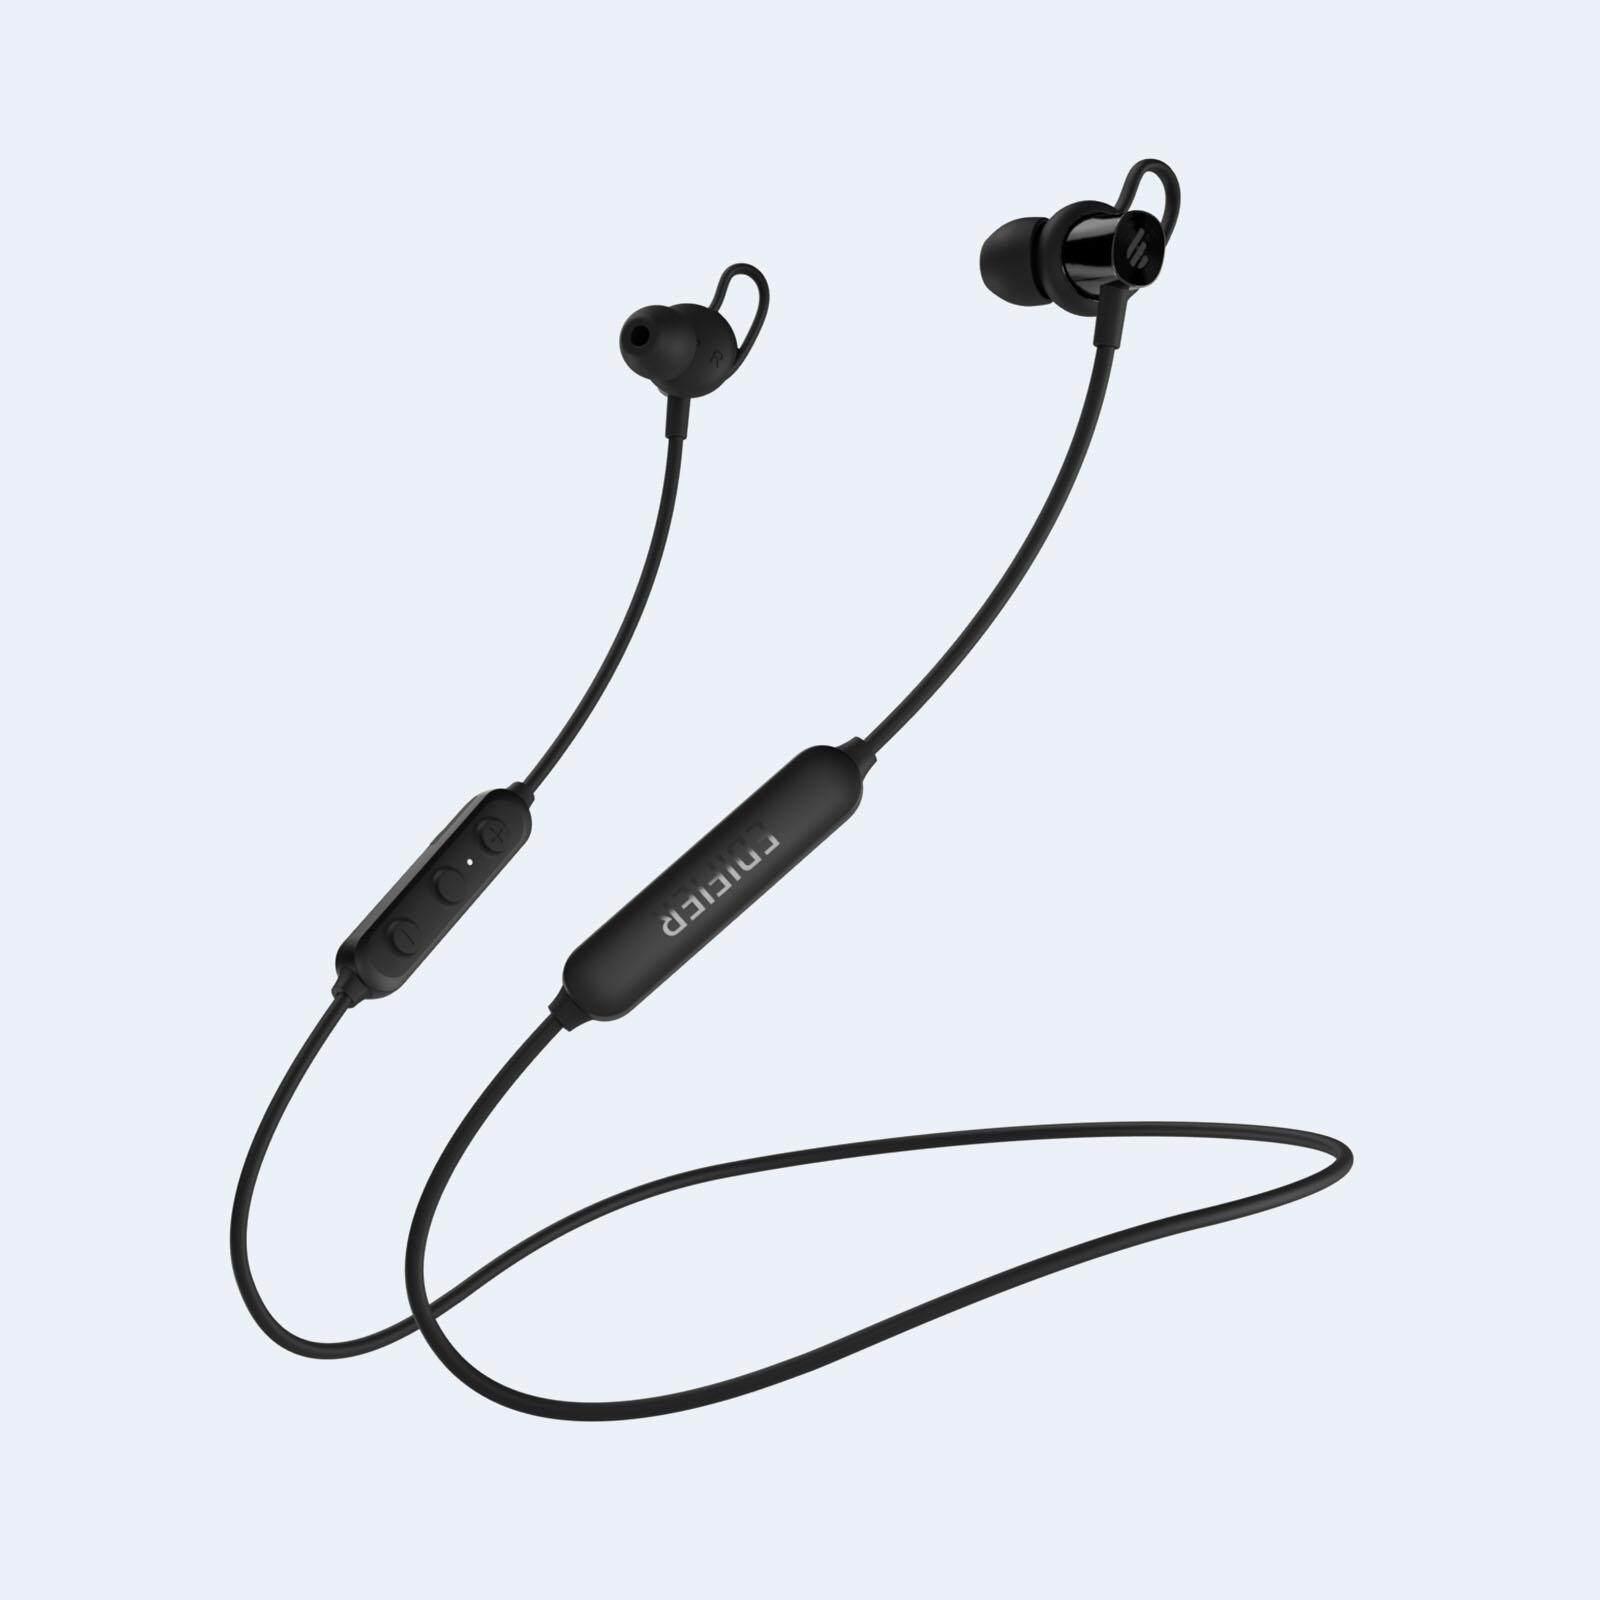 Edifier W200BT SE  W200BTSE - Bluetooth Wireless Sport Headphone With IPX5 Splash Proof  Earphones  Sport Earbuds